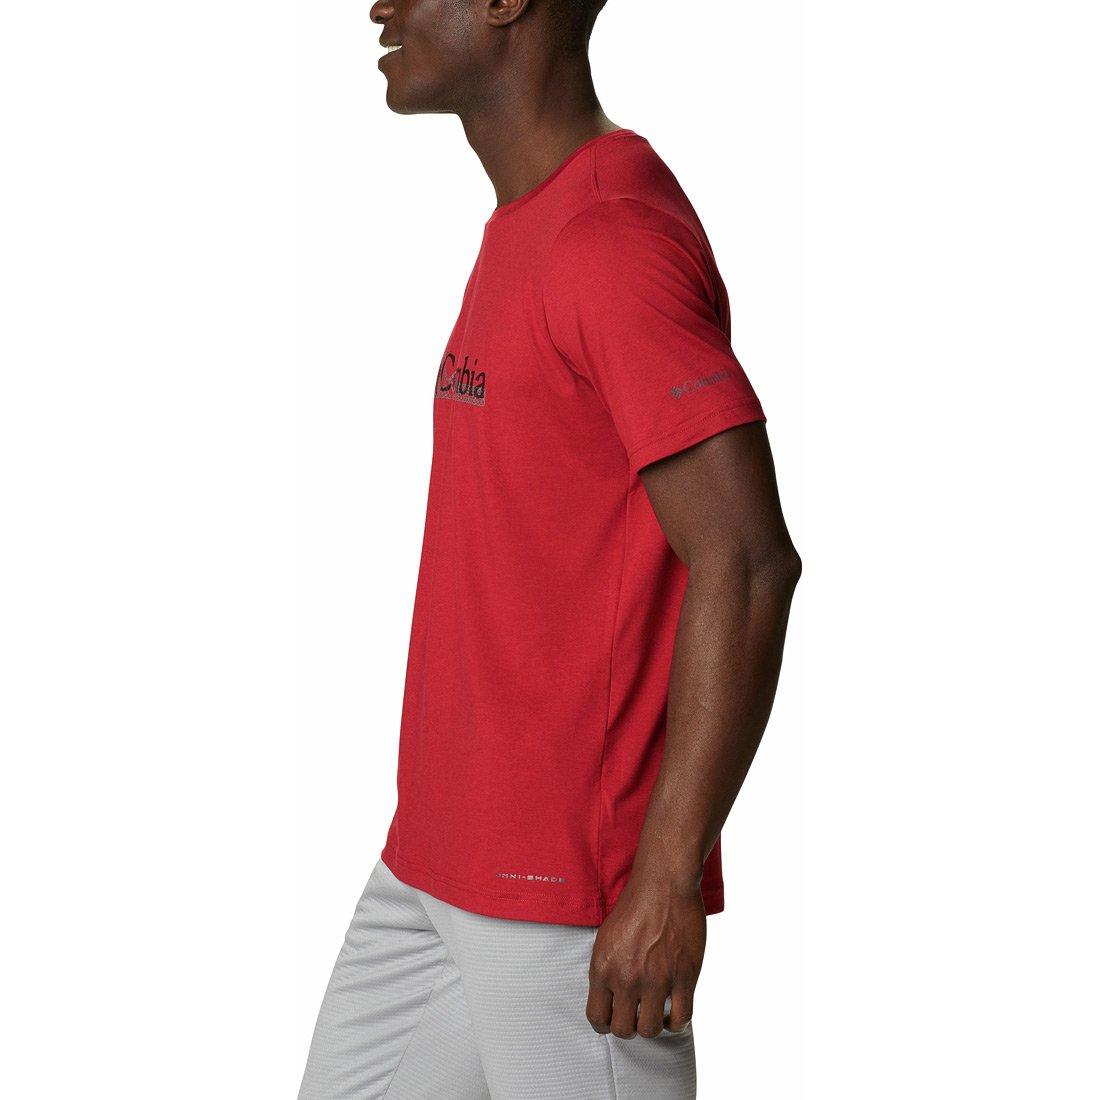 חולצה קצרה לגברים - Tech Trail Graphic T - Columbia